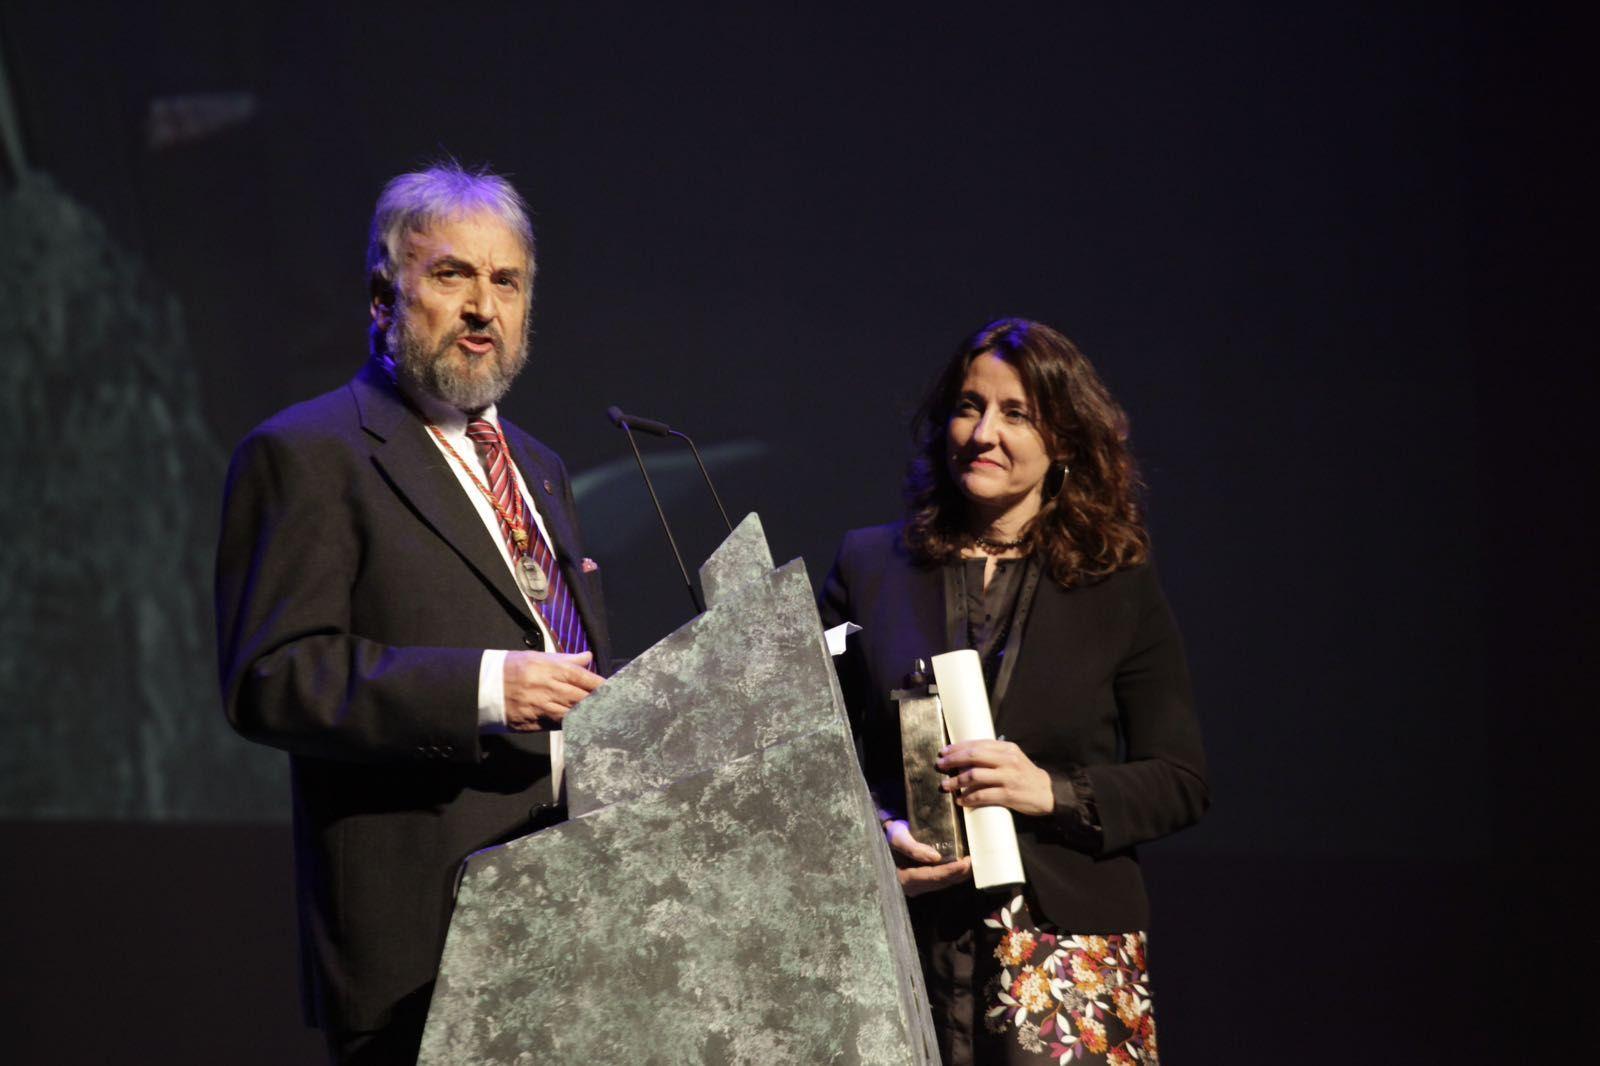 Josep Canals, Premi extraordinari. FOTO: Artur Ribera